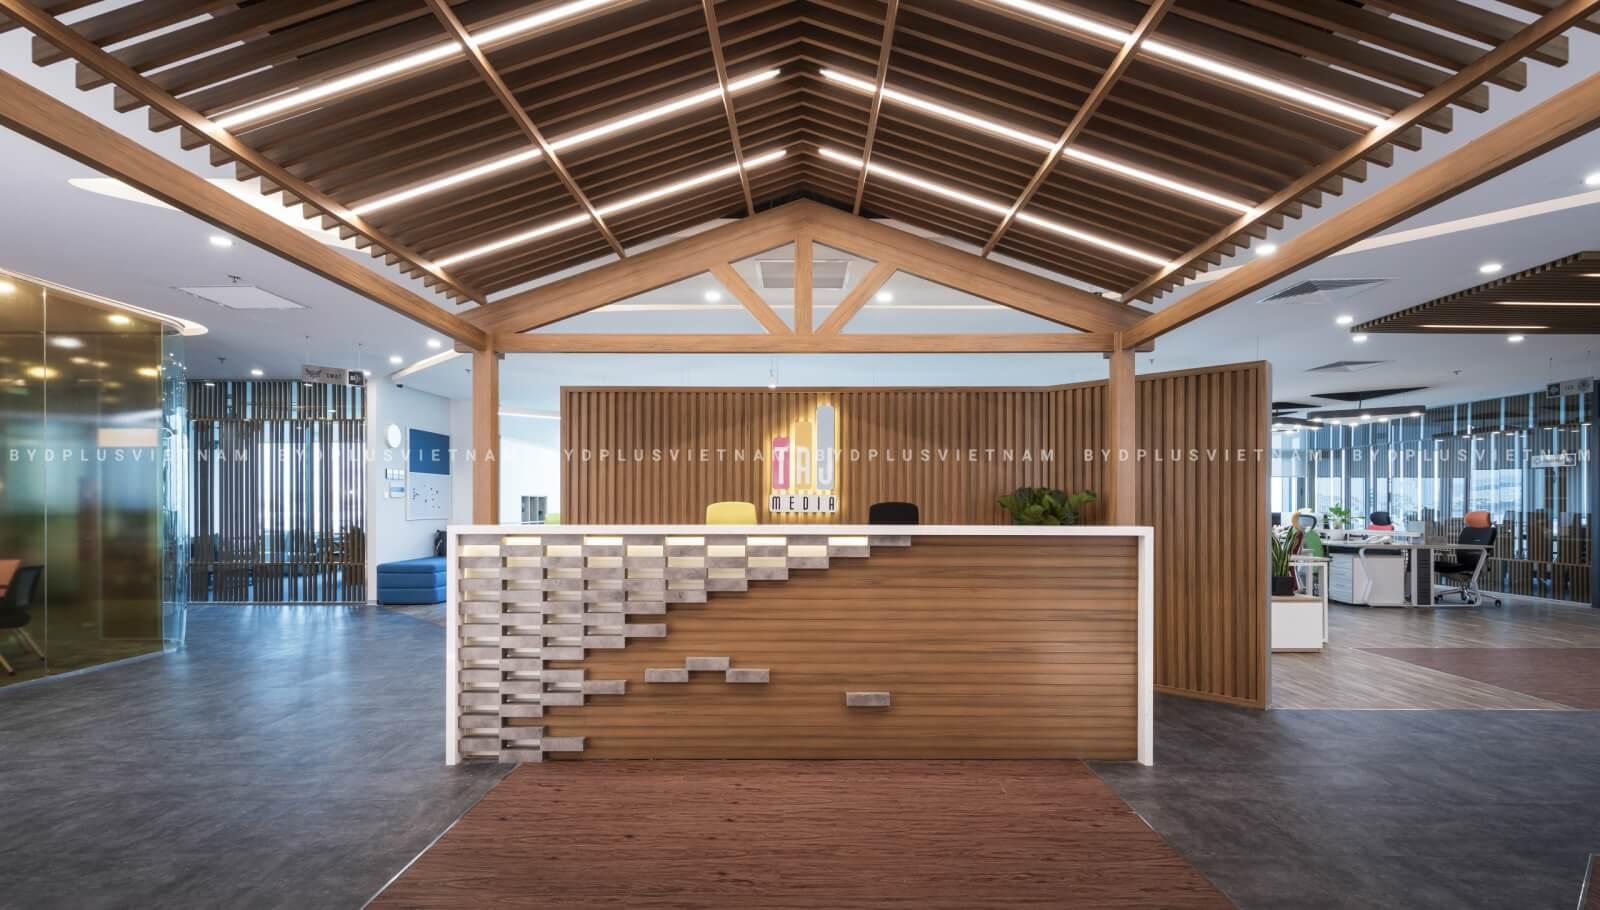 Thiết kế nội thất văn phòng chuyên nghiệp có thể gây ấn tượng tốt với khách hàng